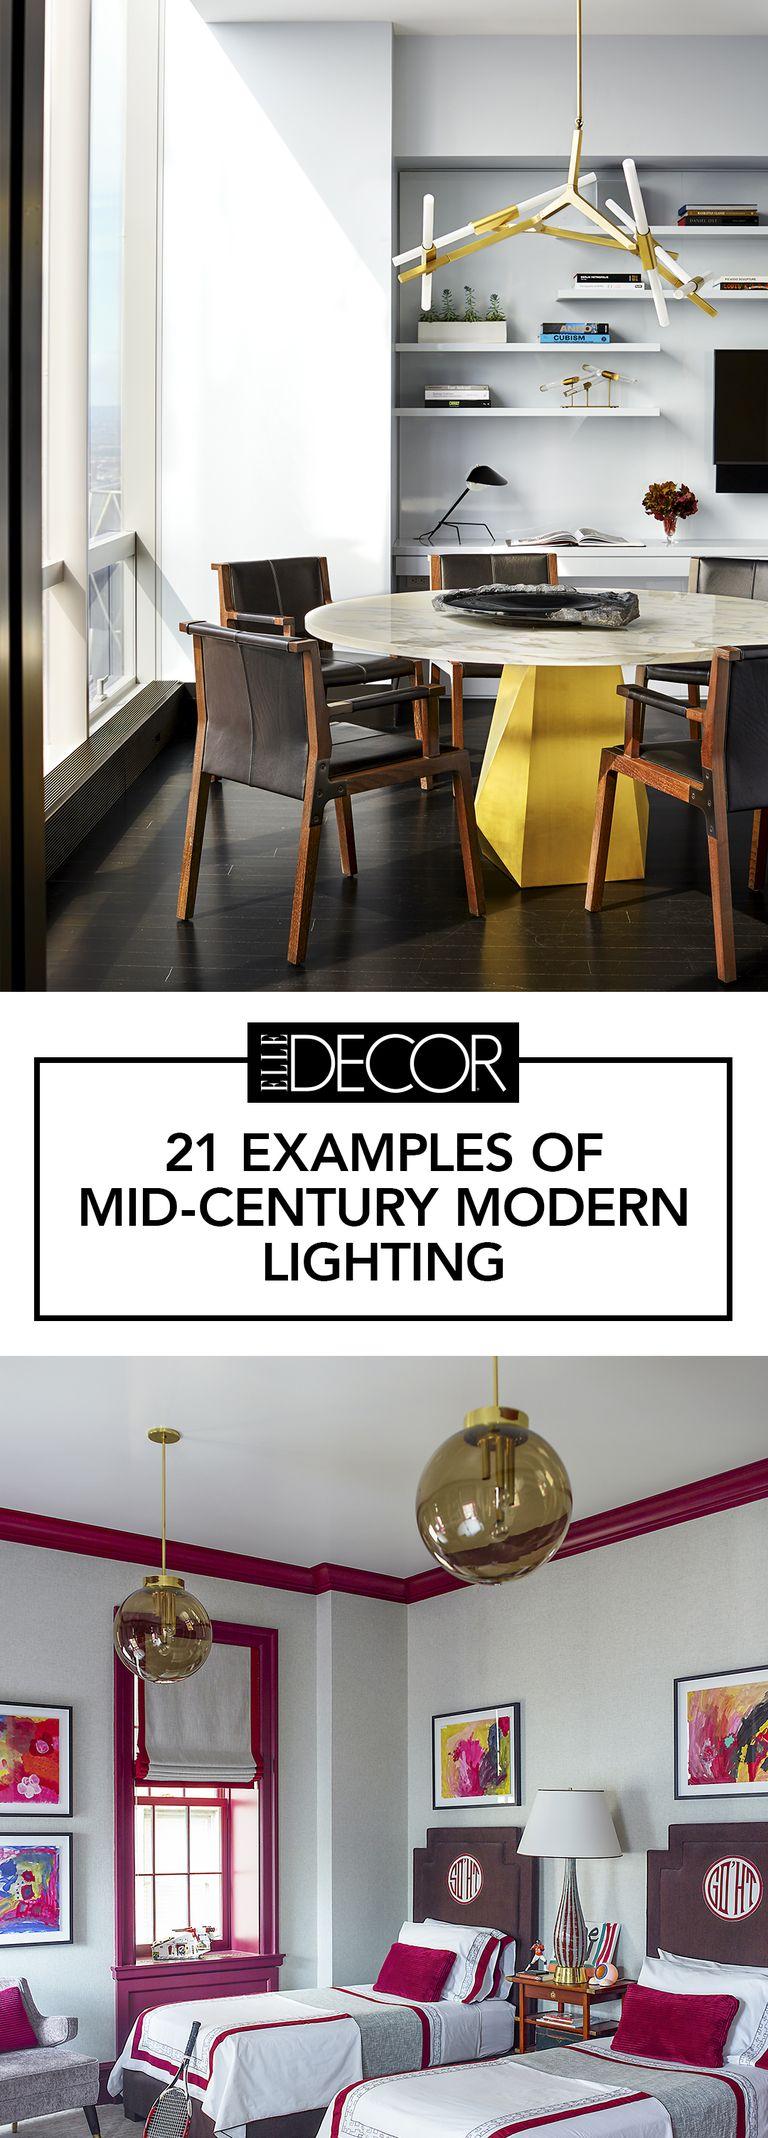 26 Mid Century Modern Lighting Ideas - Mid Century Style